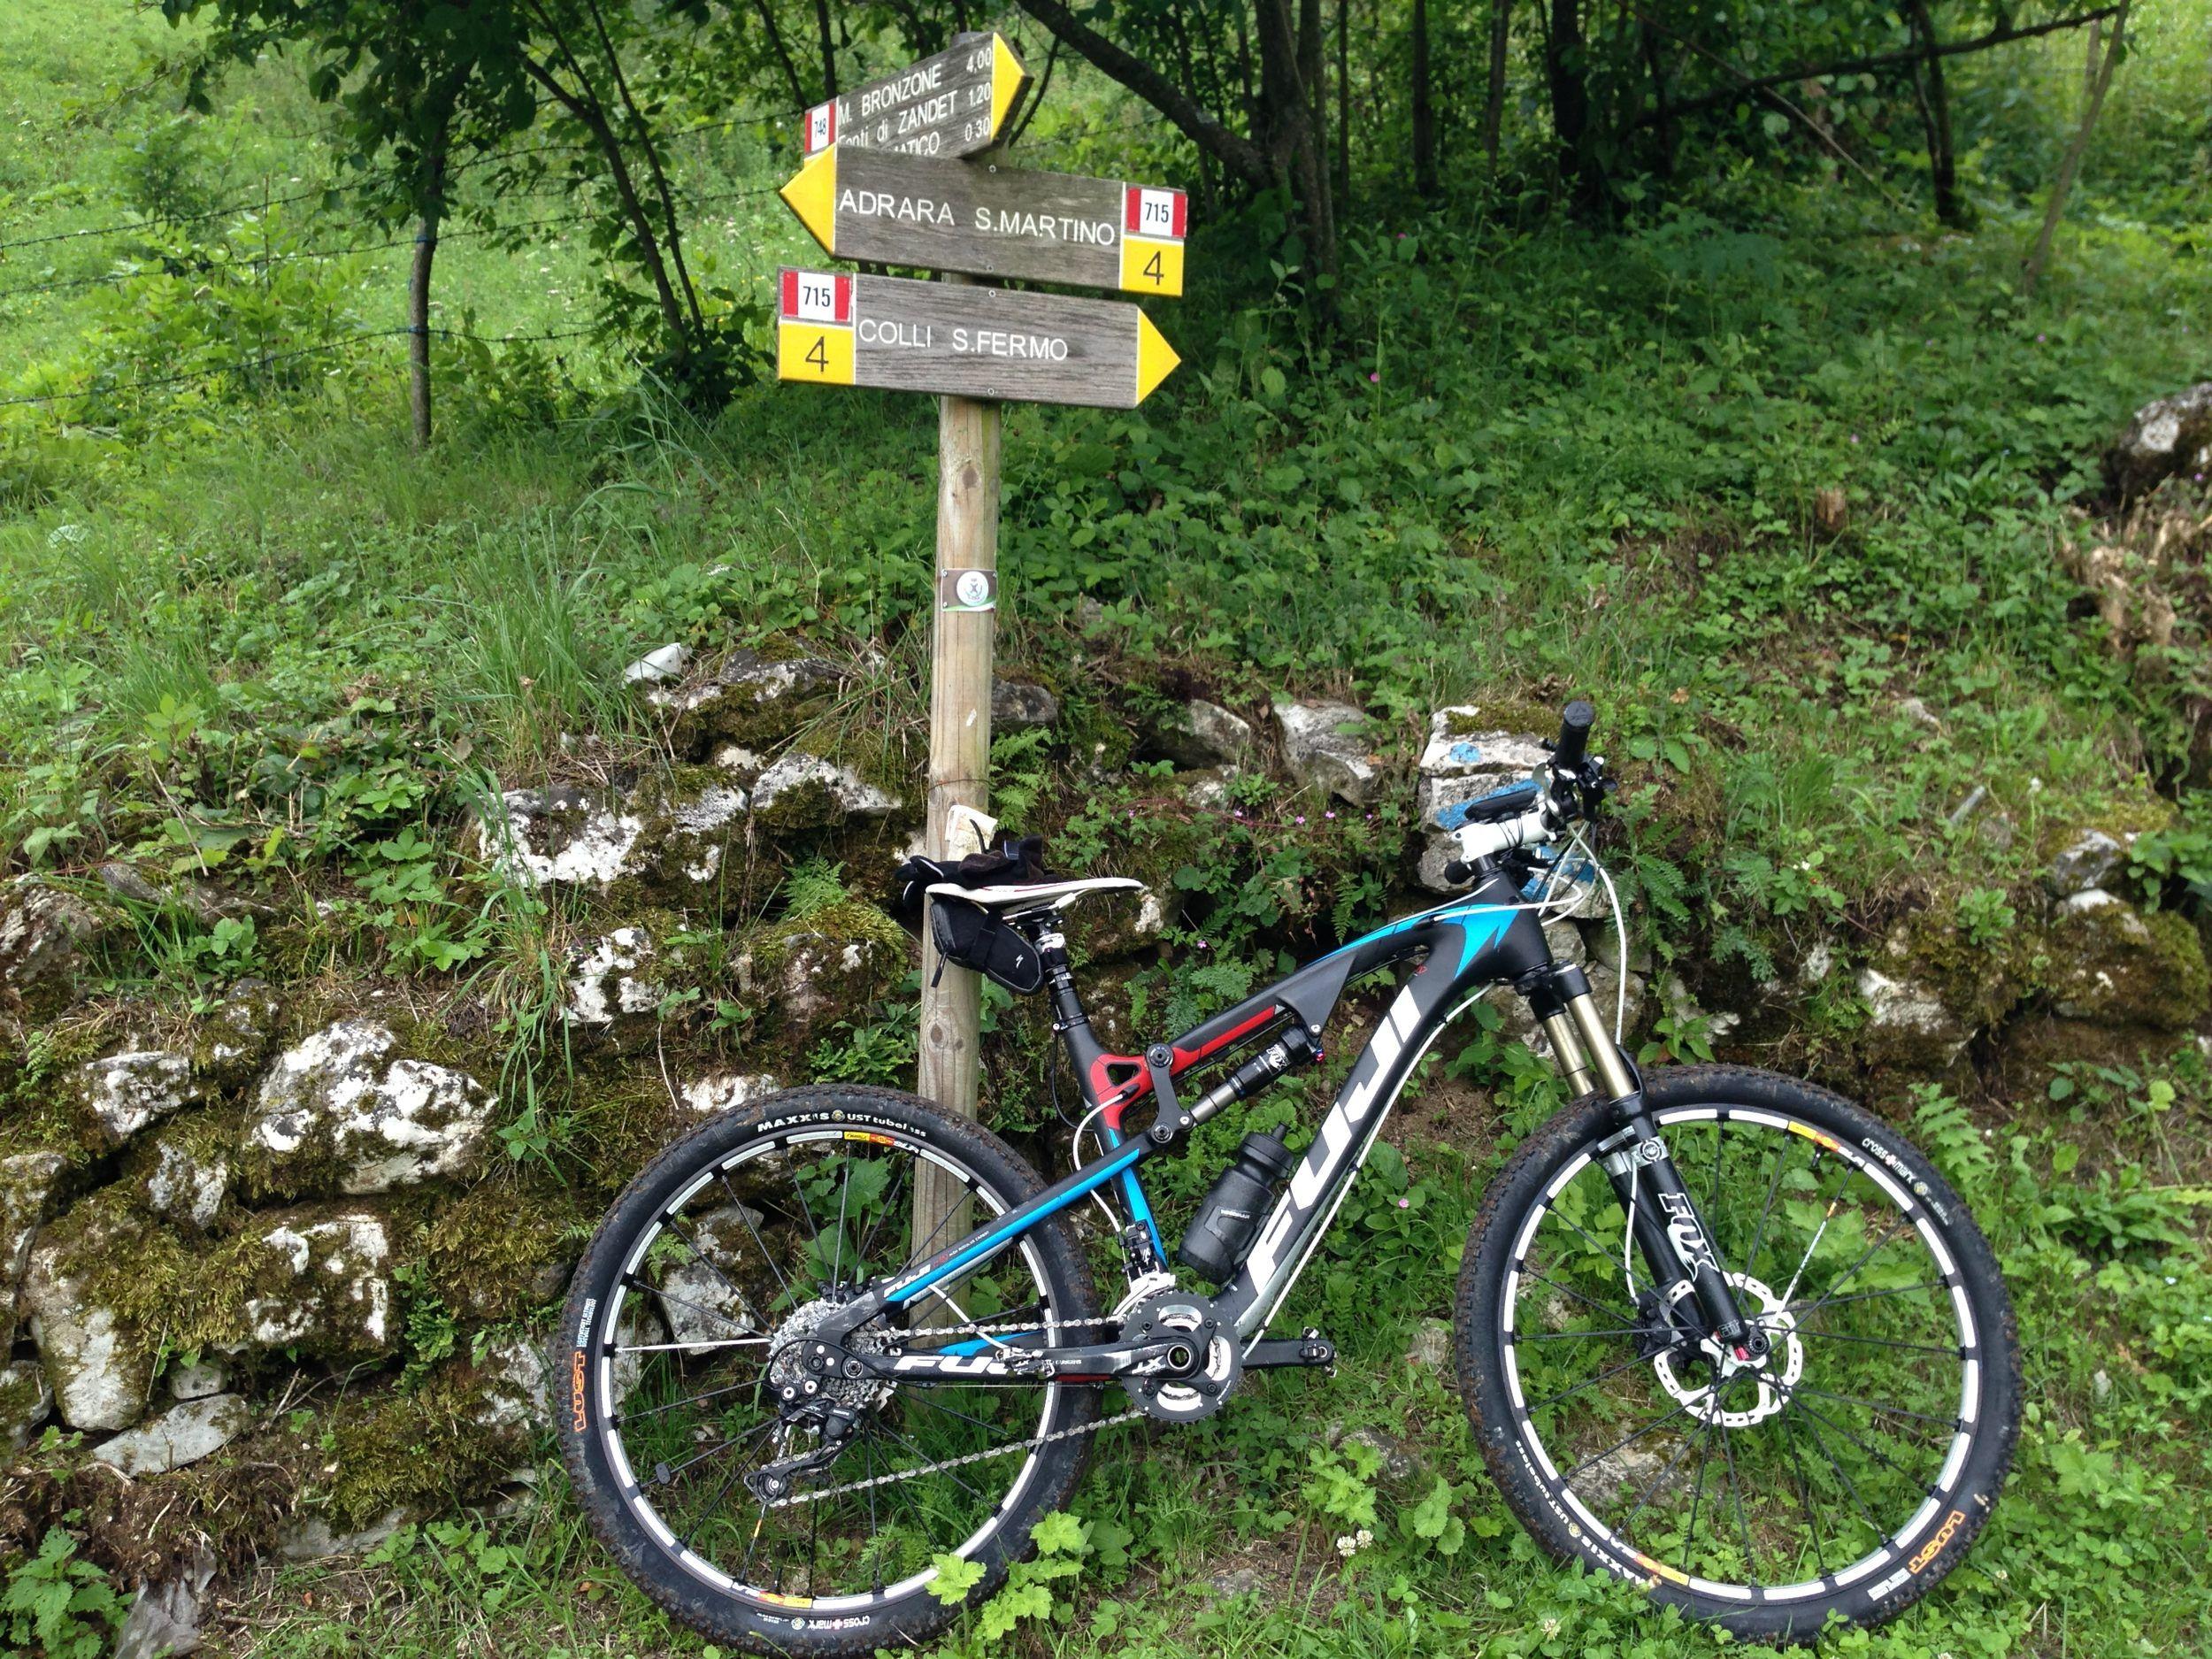 Mtb Mt Fuji 2013 Full Carbon Annunci Biciclette Usate Fuji